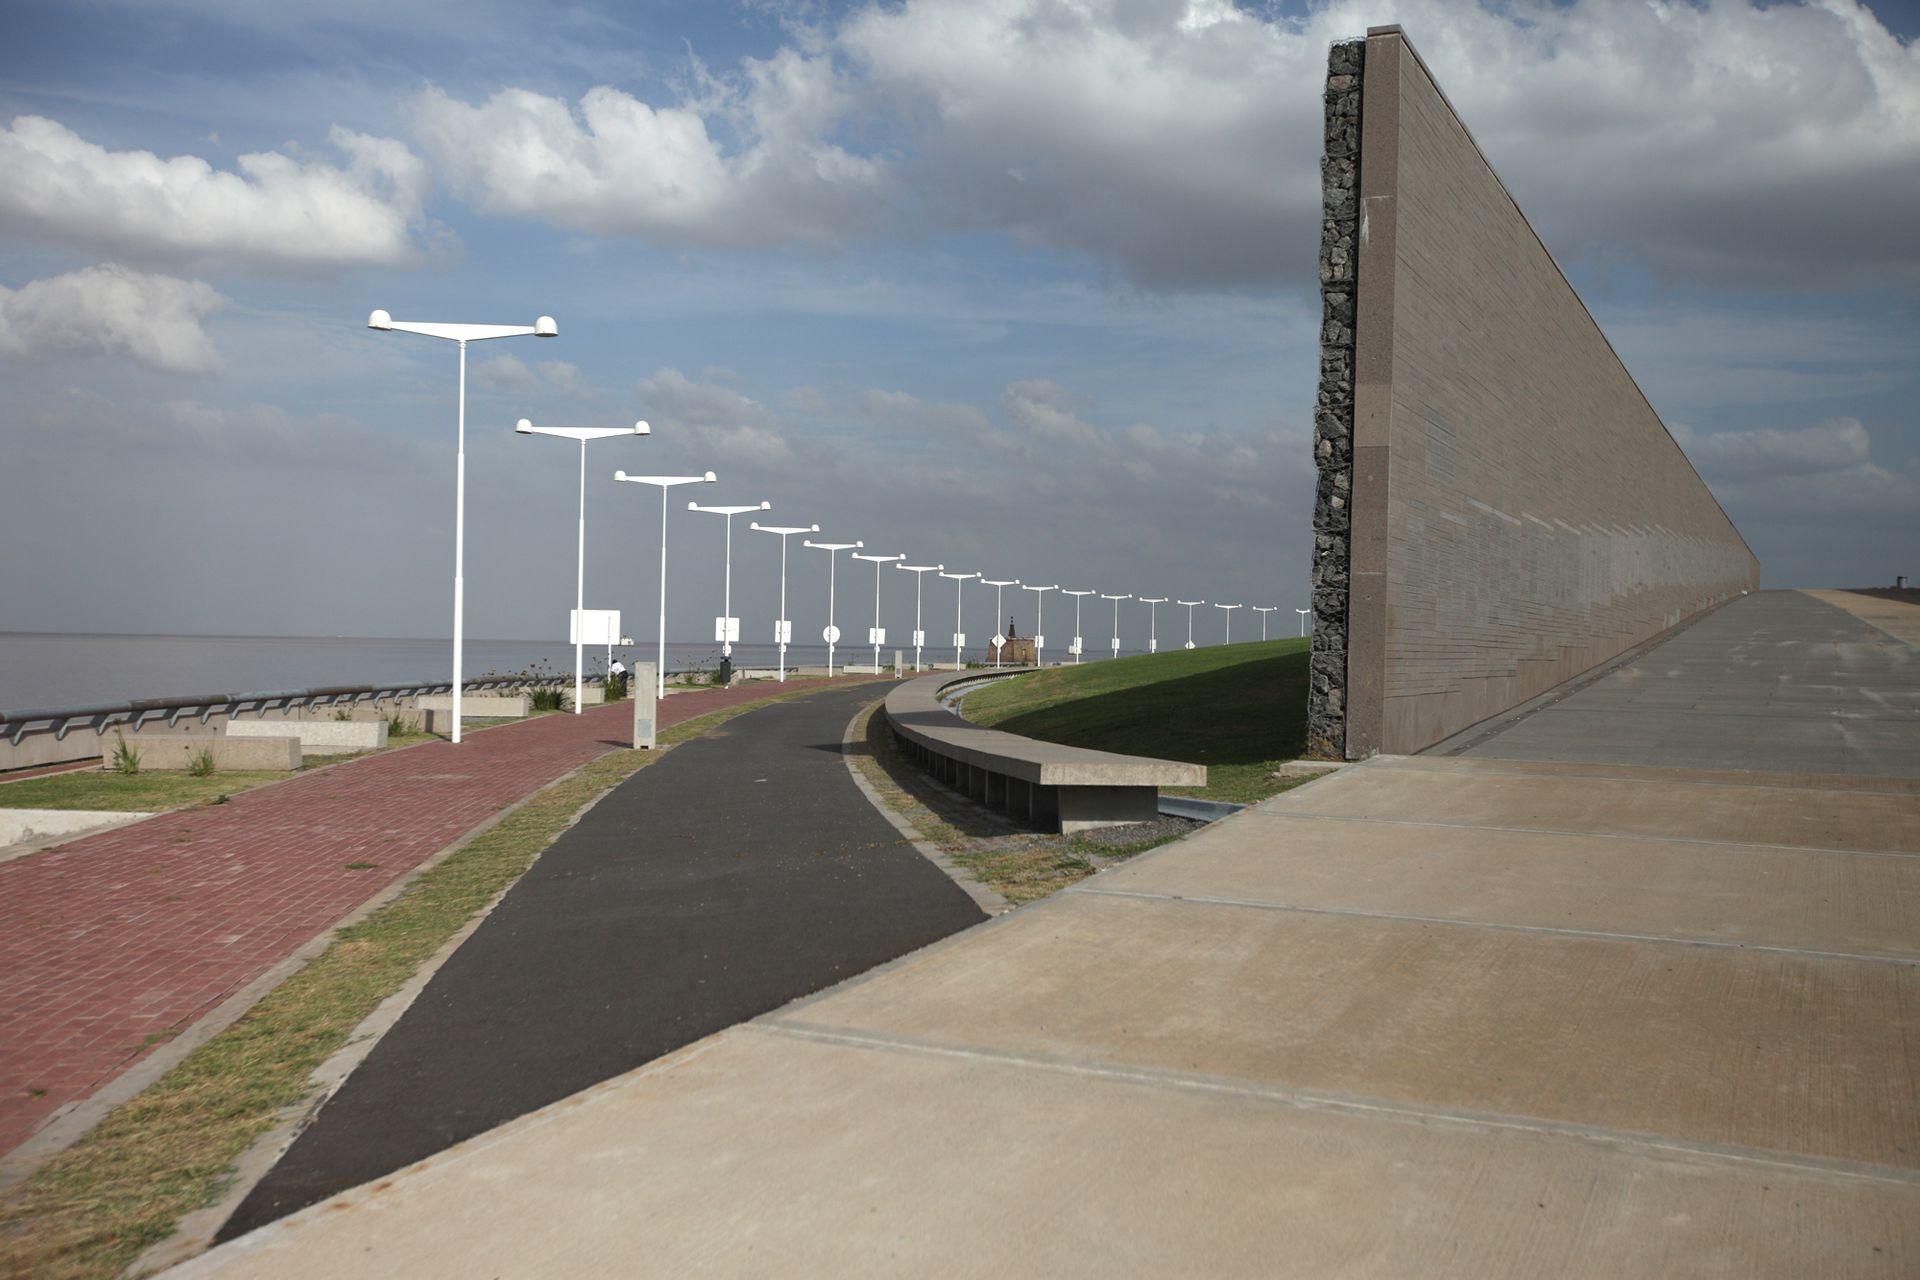 El predio de 14 hectáreas fue creado como un espacio de homenaje y reflexión